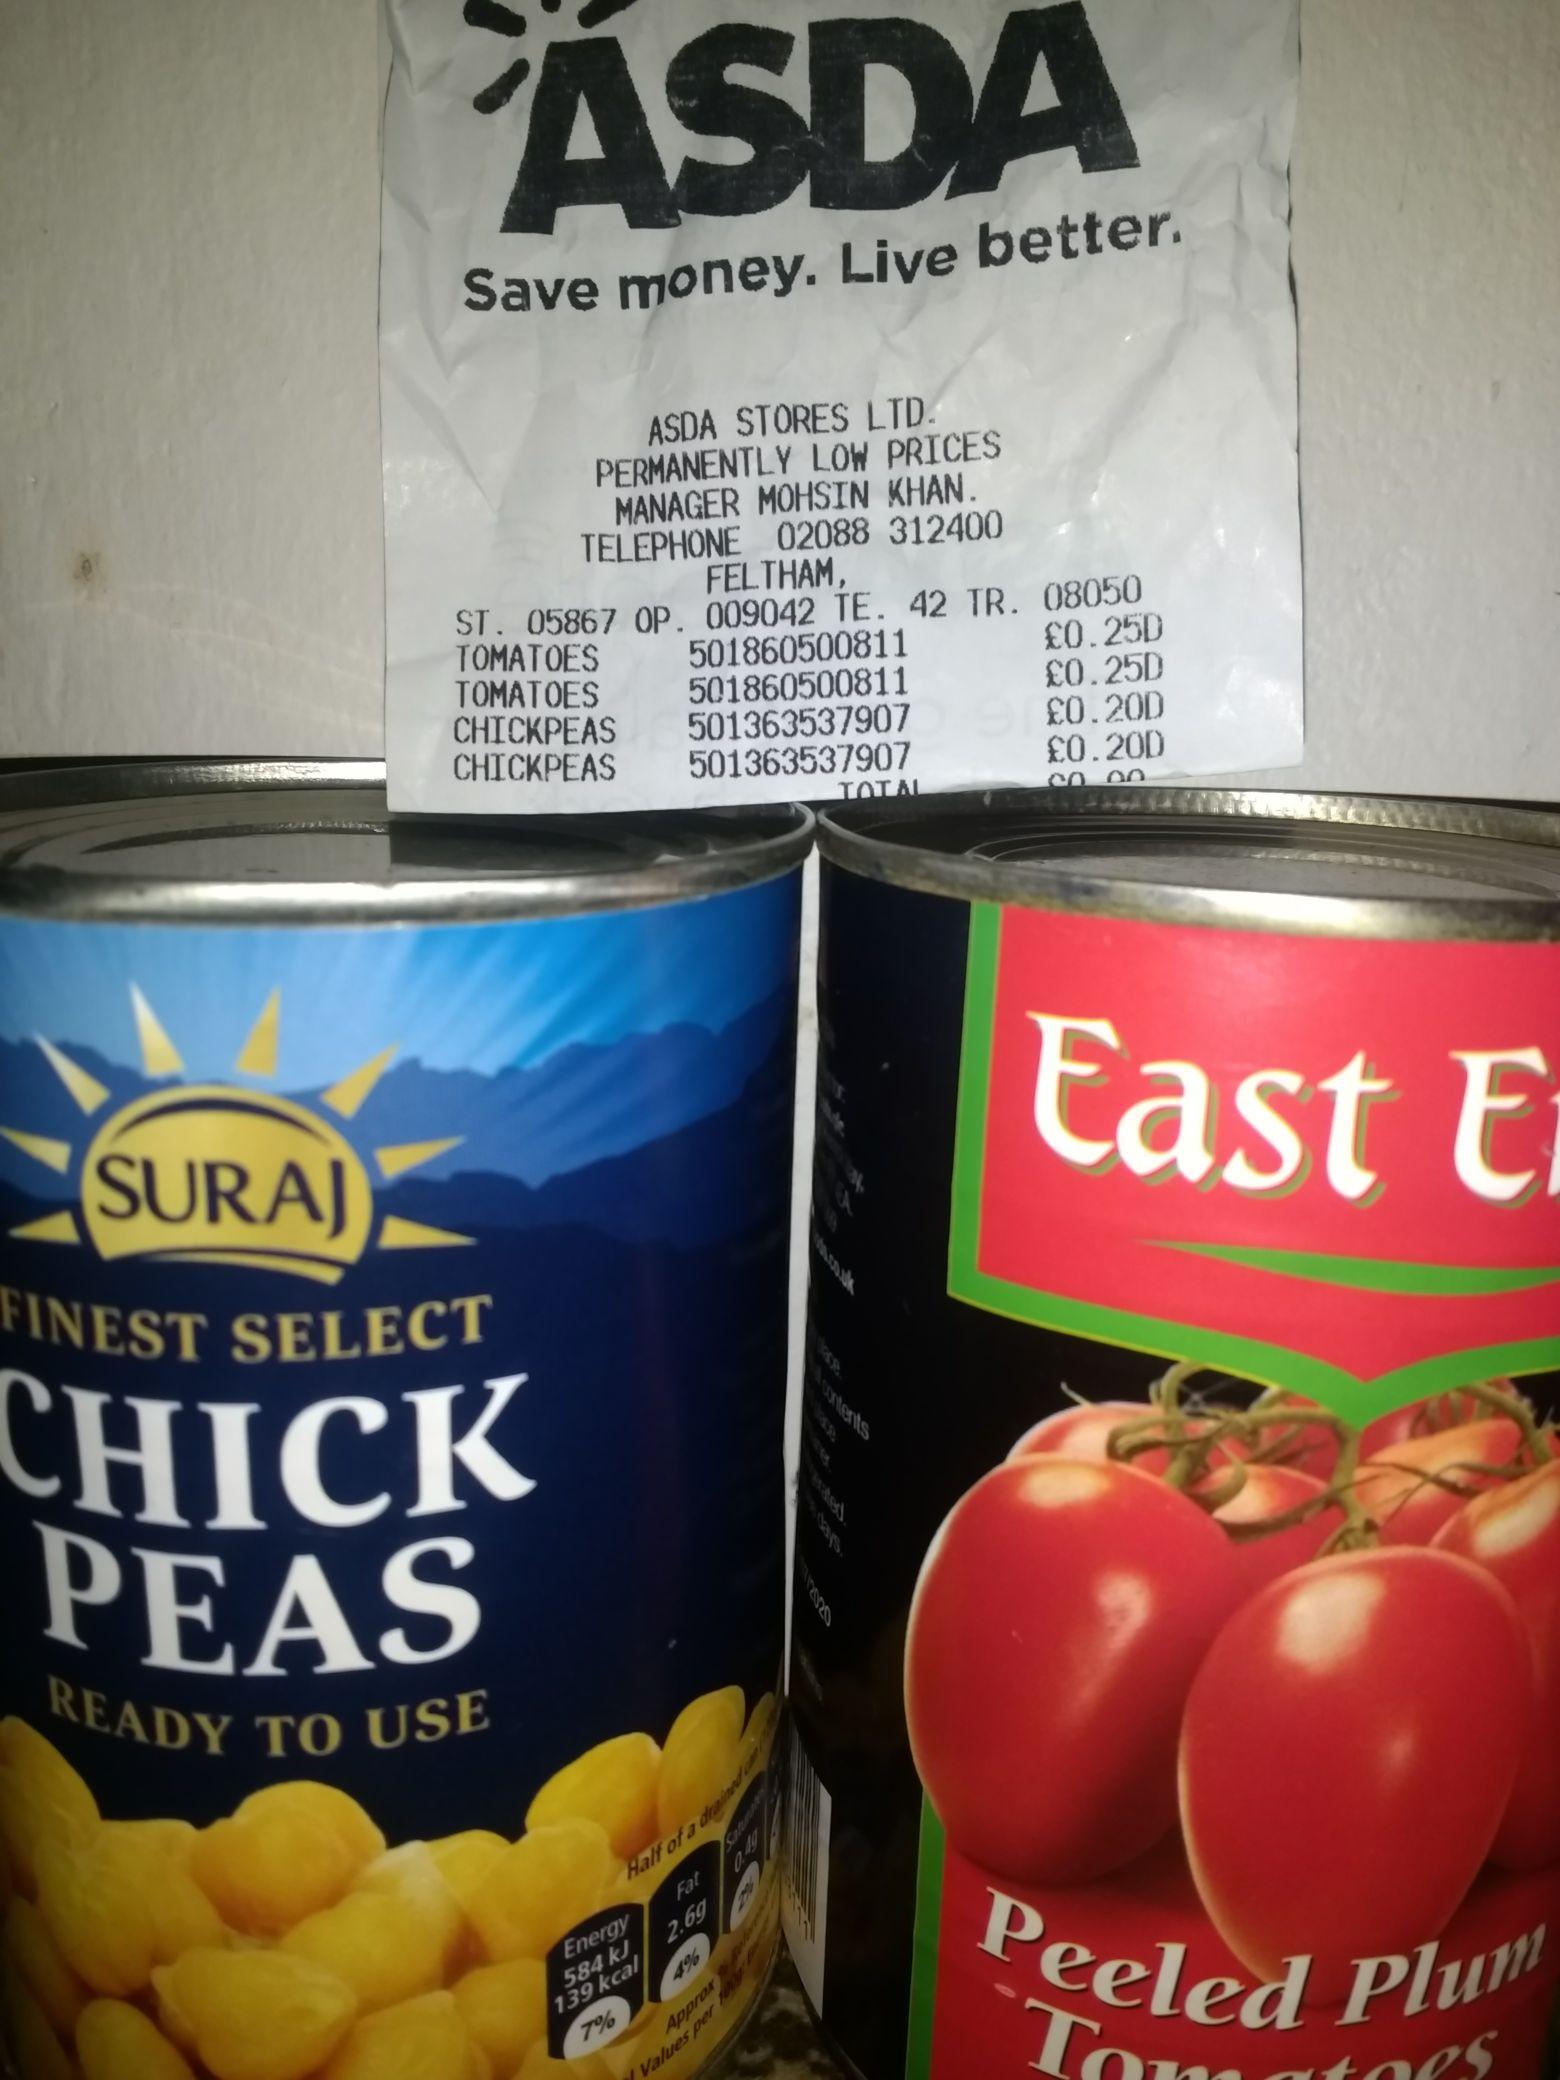 Chick Peas can  20p instore @ Asda (Feltham)